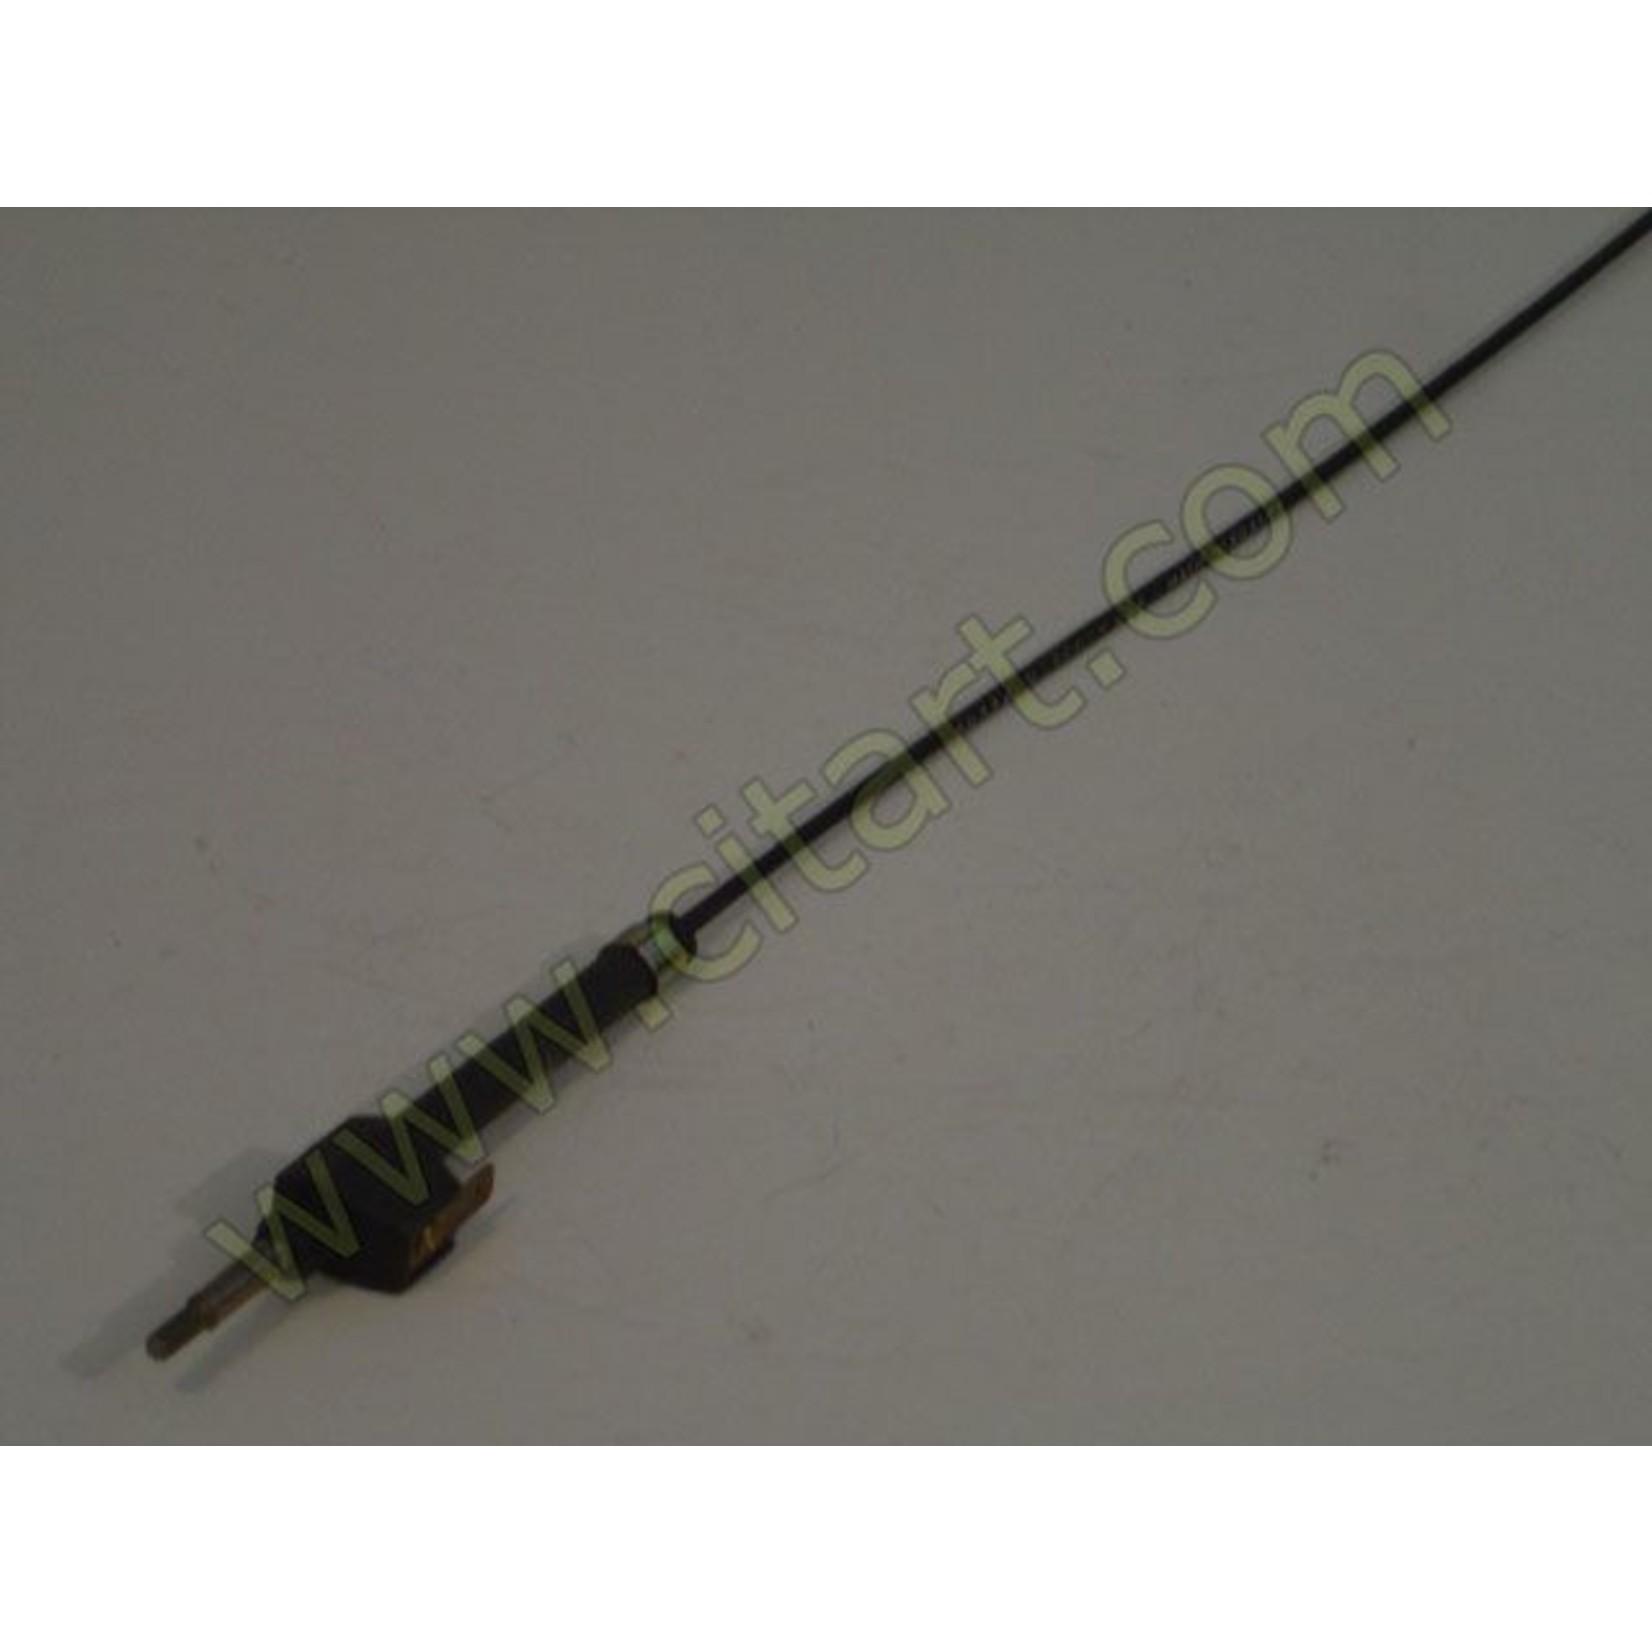 Choke kabel Weber l=375 Nr Org: DX525111A